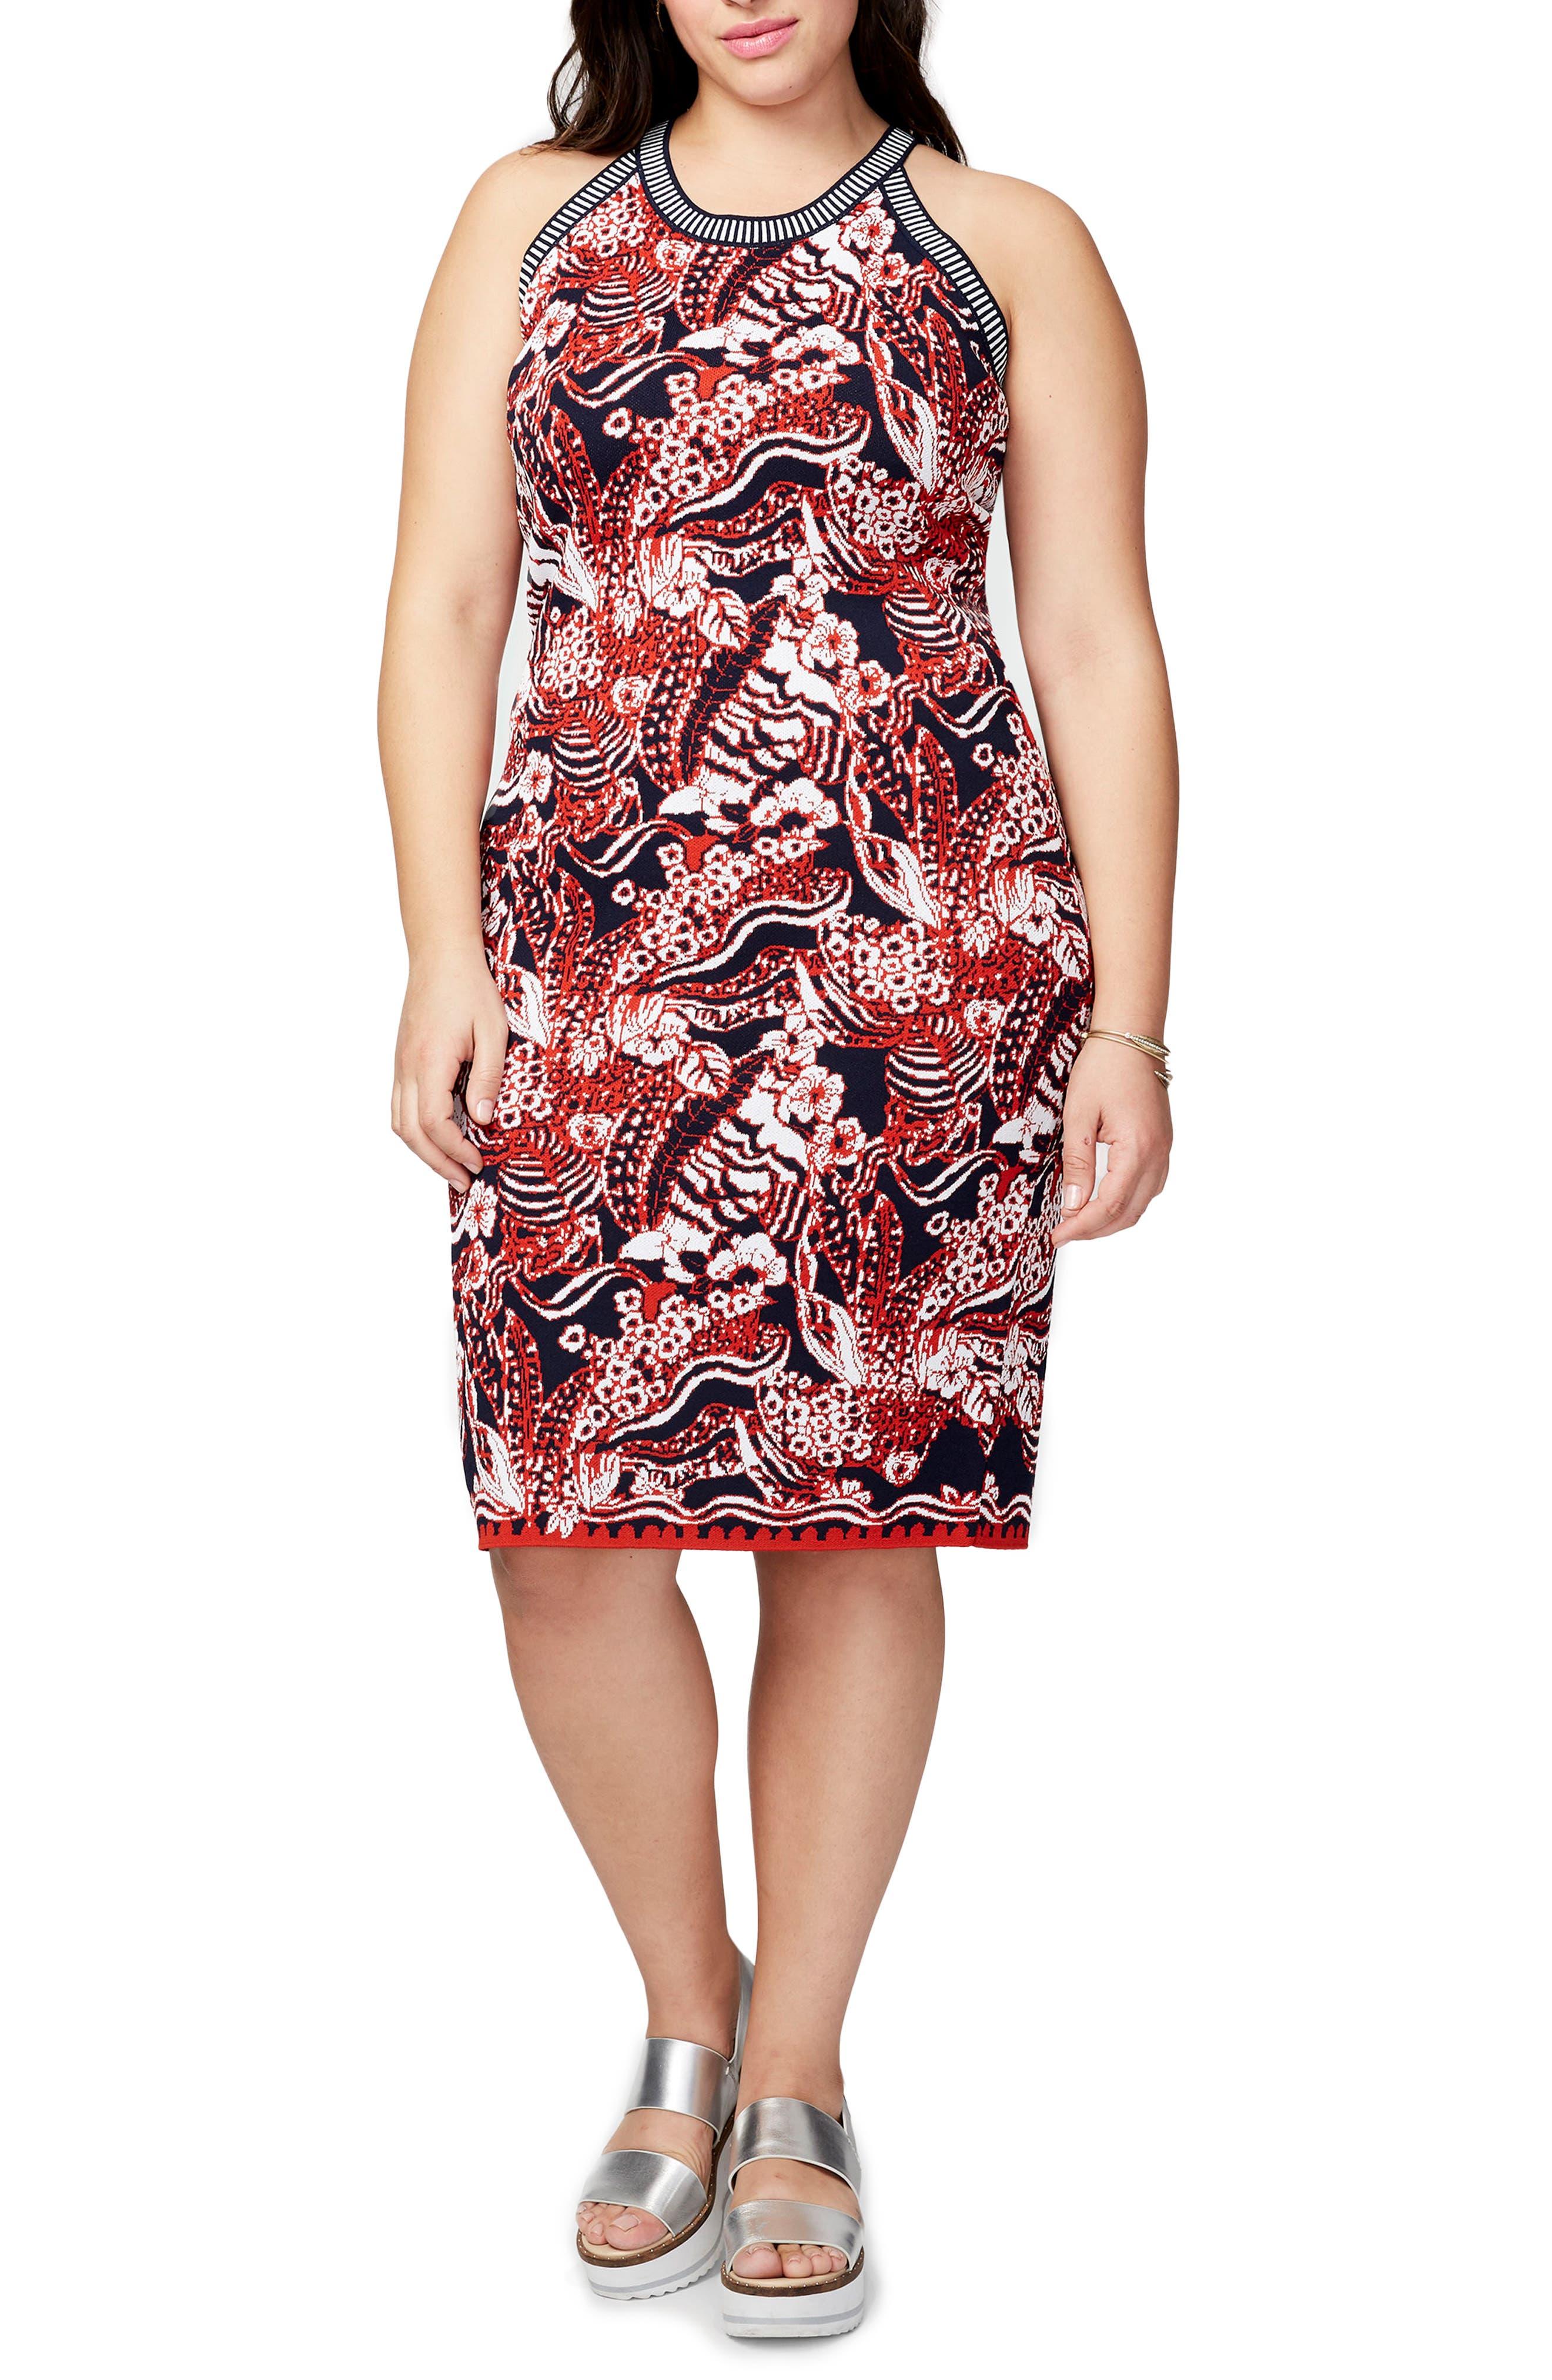 Main Image - RACHEL Rachel Roy Floral Jacquard Halter Neck Sweater Dress (Plus Size)